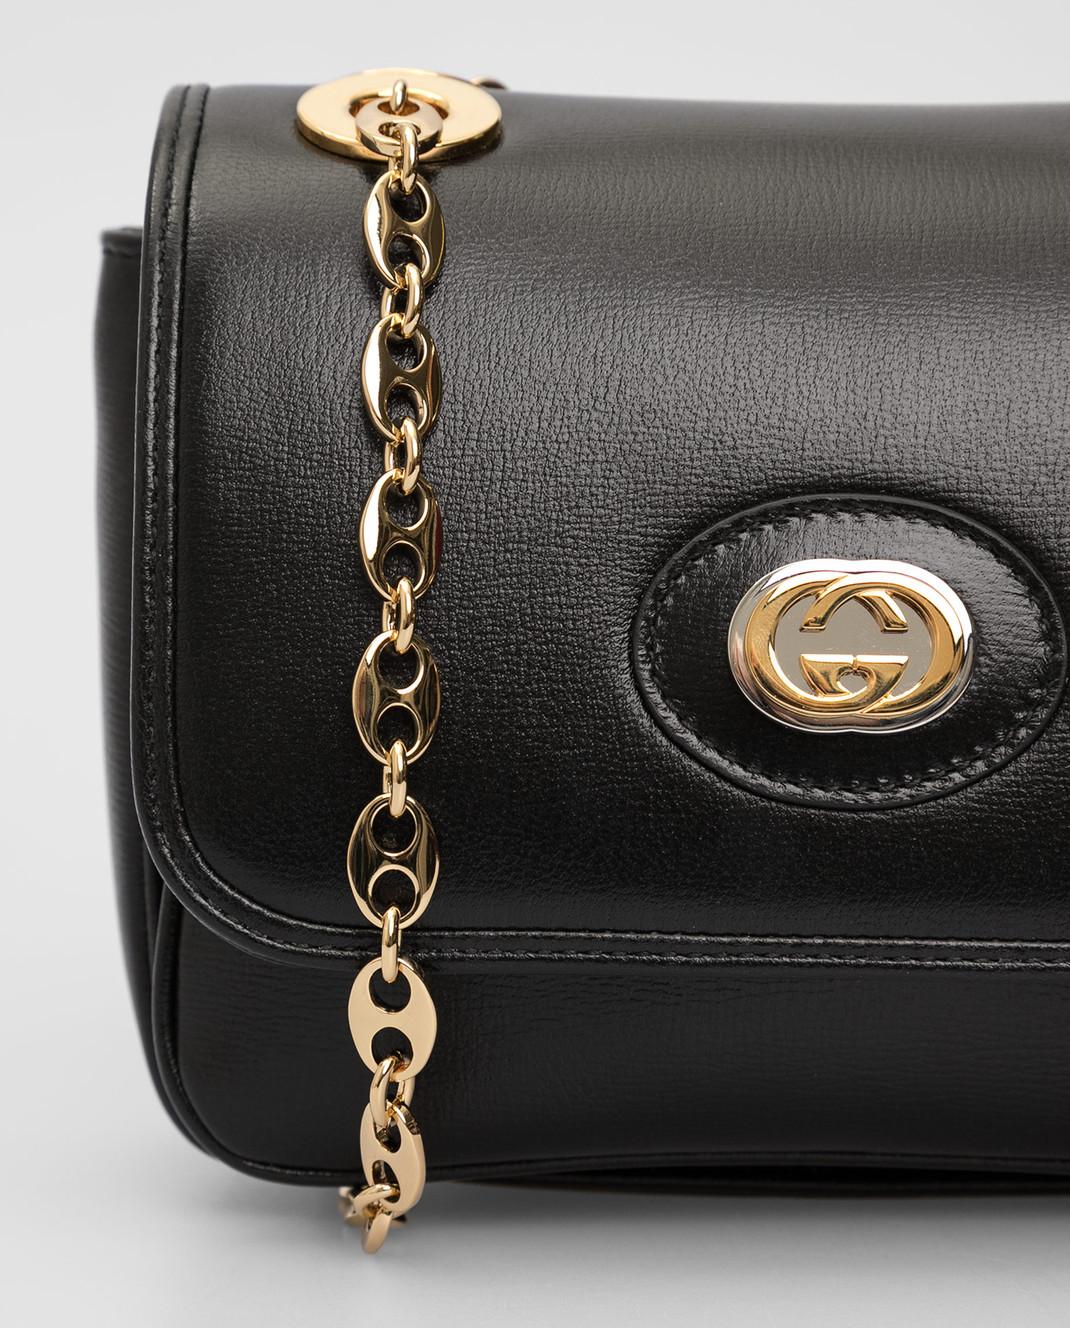 Gucci Черная кожаная сумка изображение 5